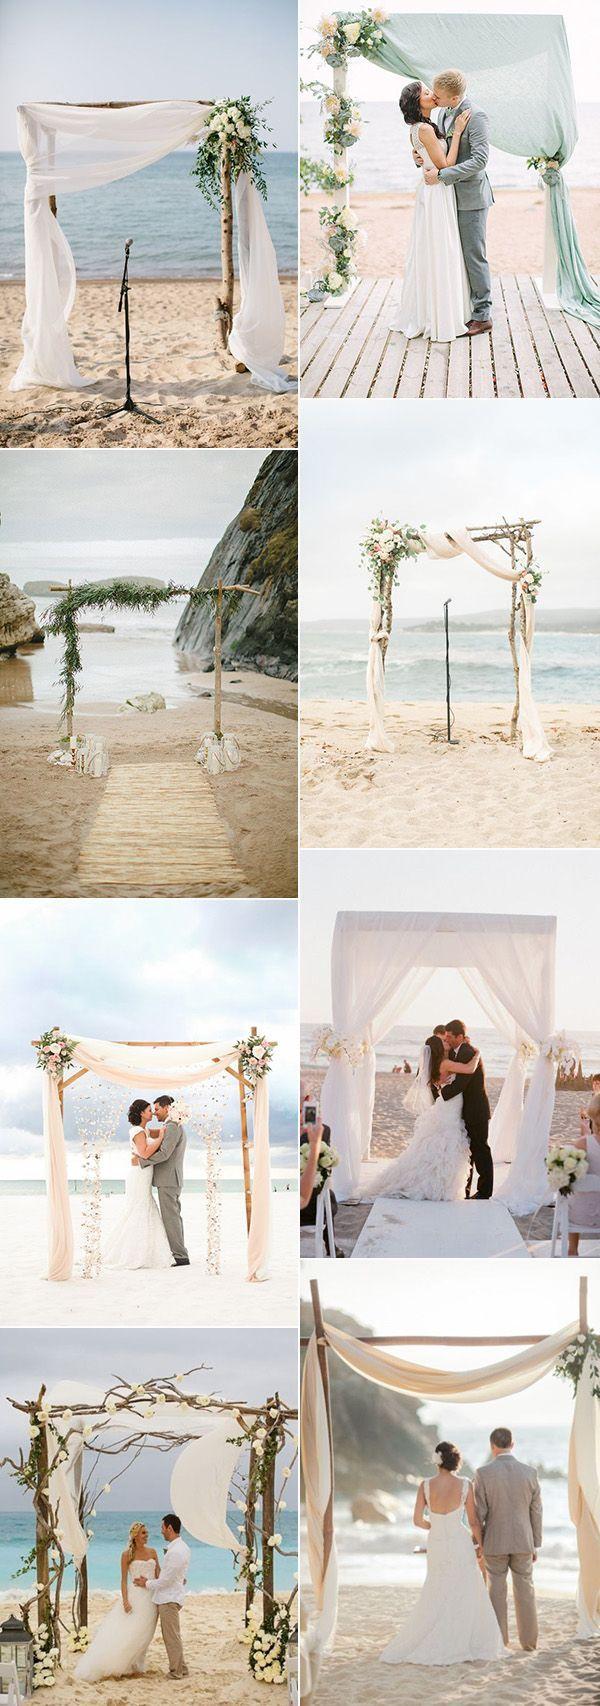 30 Brilliant Beach Wedding Ideas for 2018 trends Wedding